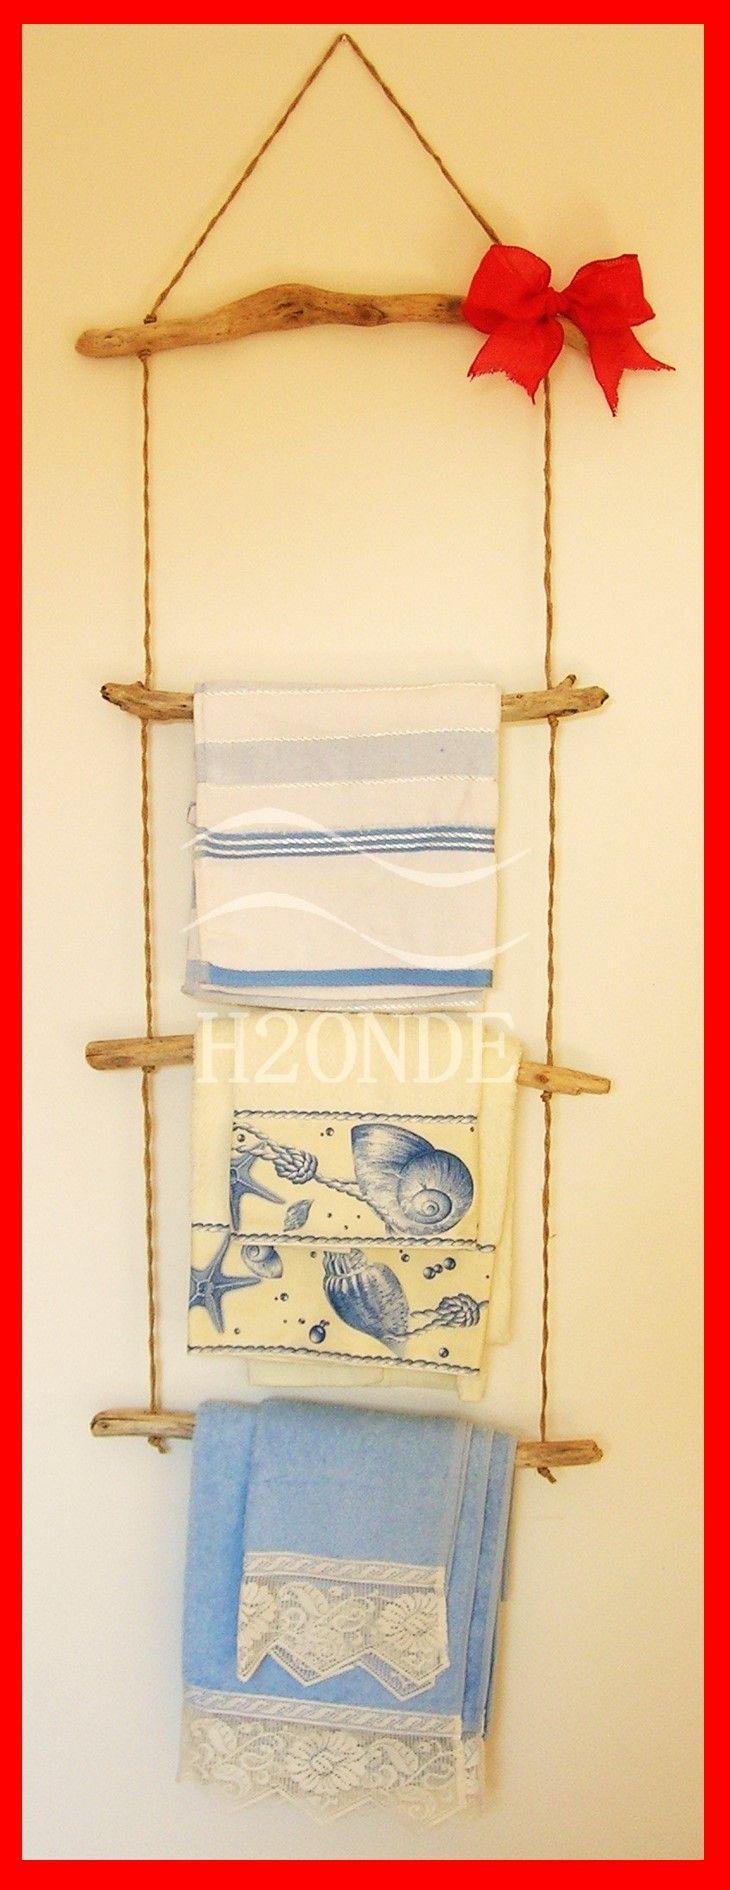 portasciugamani porta asciugamani da parete porta sciarpe